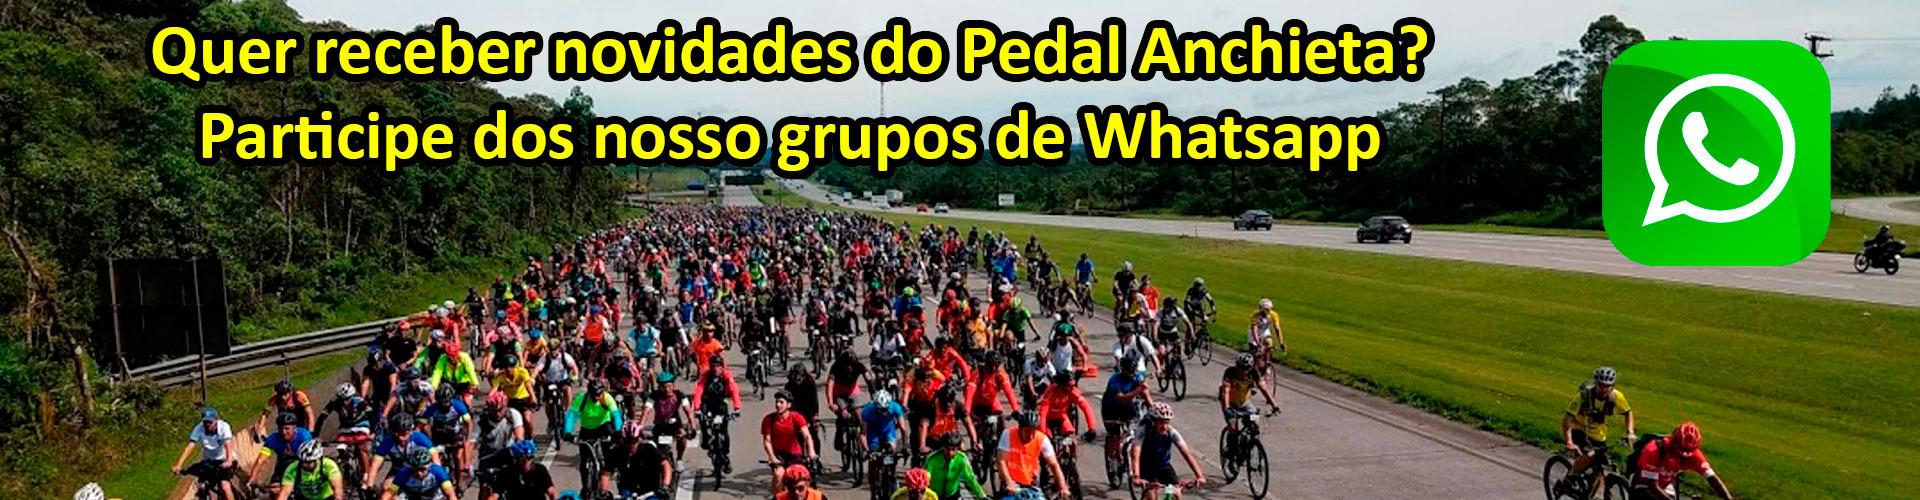 Bicicreteiro - Grupo de Whats Pedal Anchieta